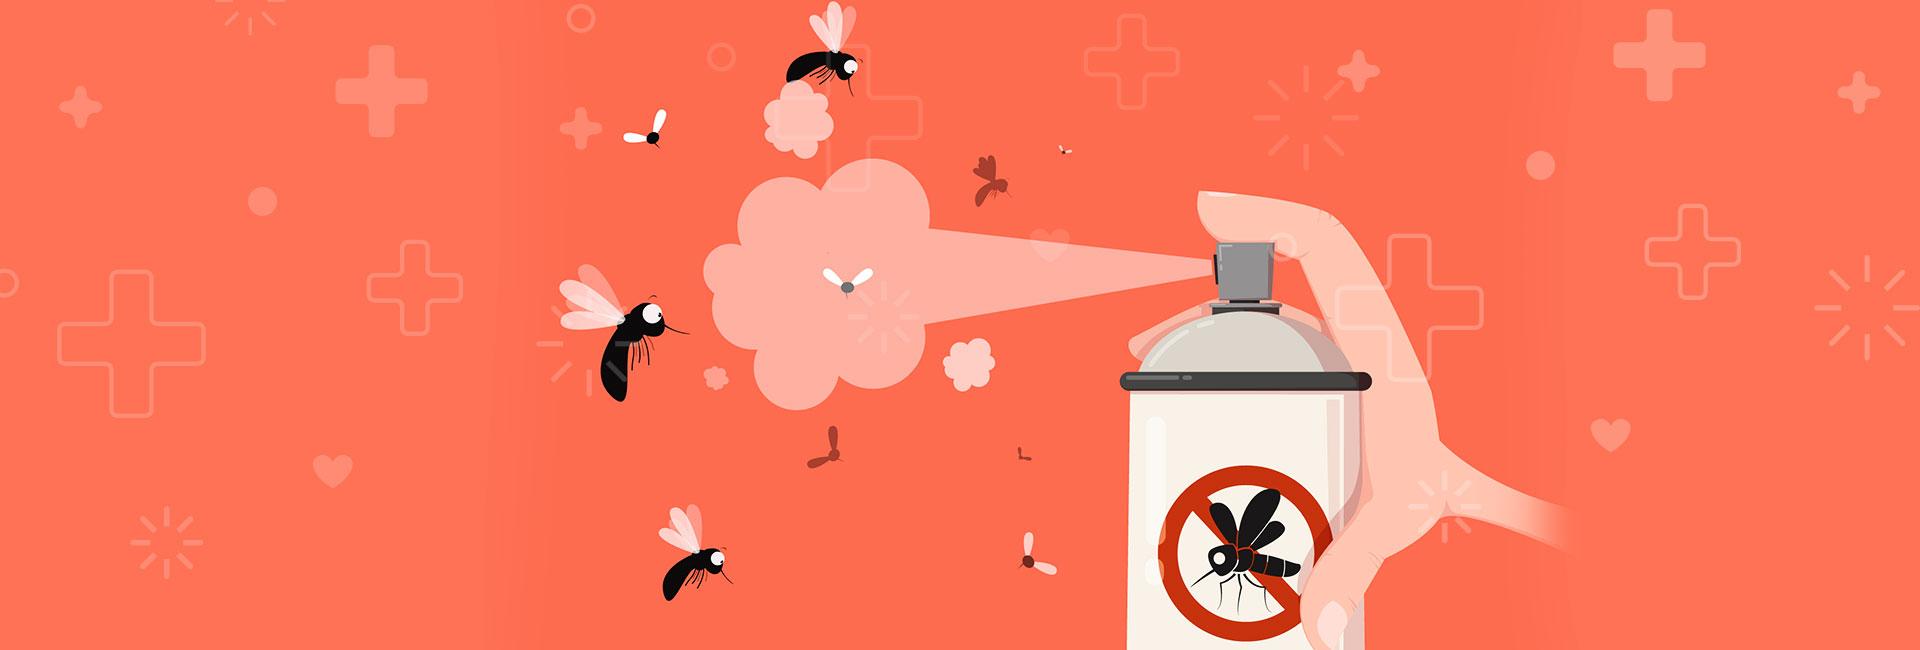 repelente, una medida de precaución contra el dengue